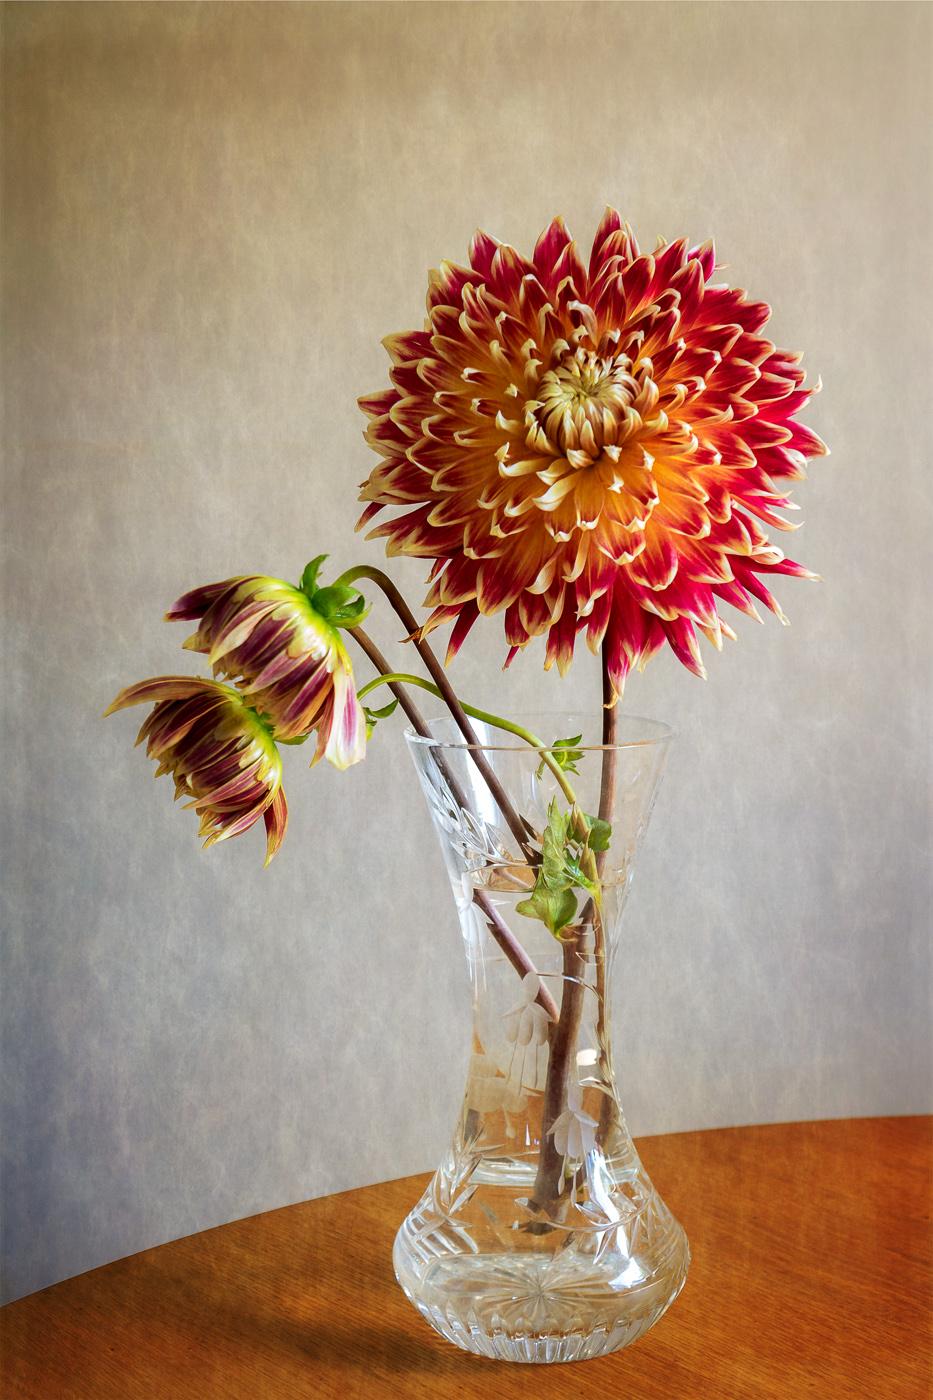 Crysanthemum Vase by Roger Ellway